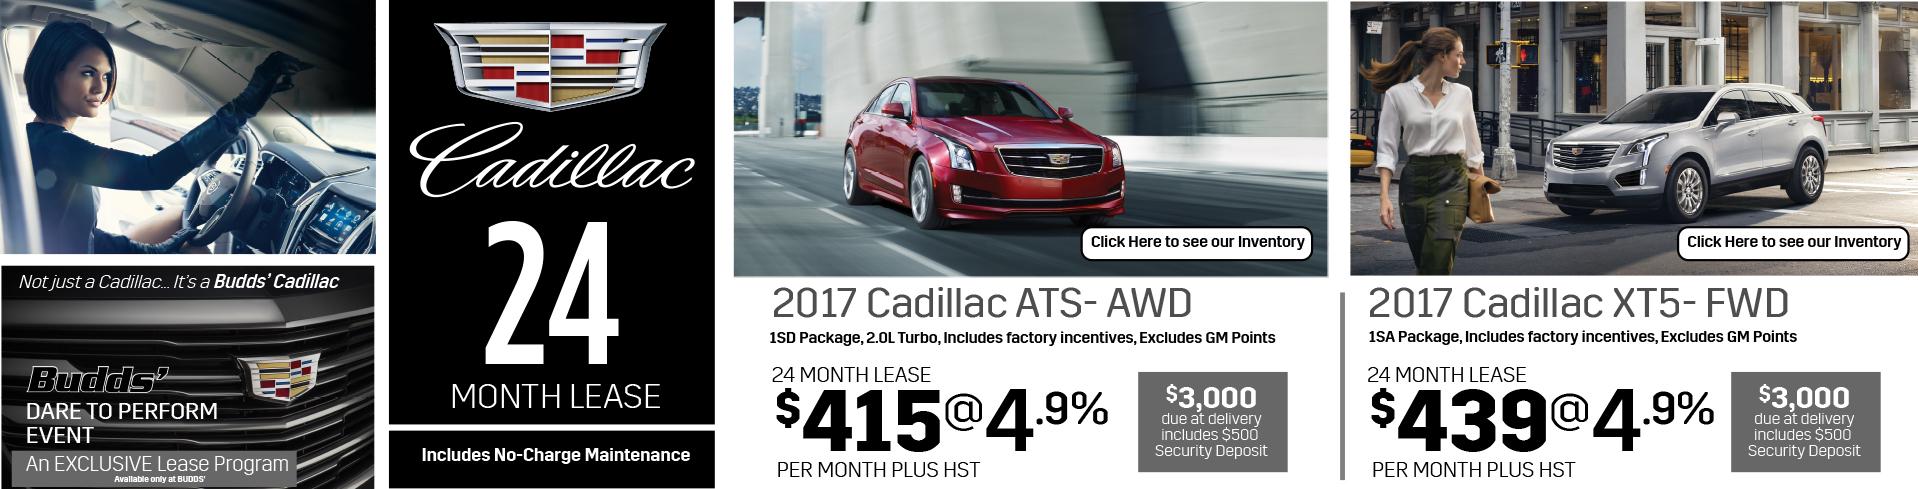 Cadillac 24 Month Lease, 2017 Cadillac ATS and 2-17 Cadillac-XT5